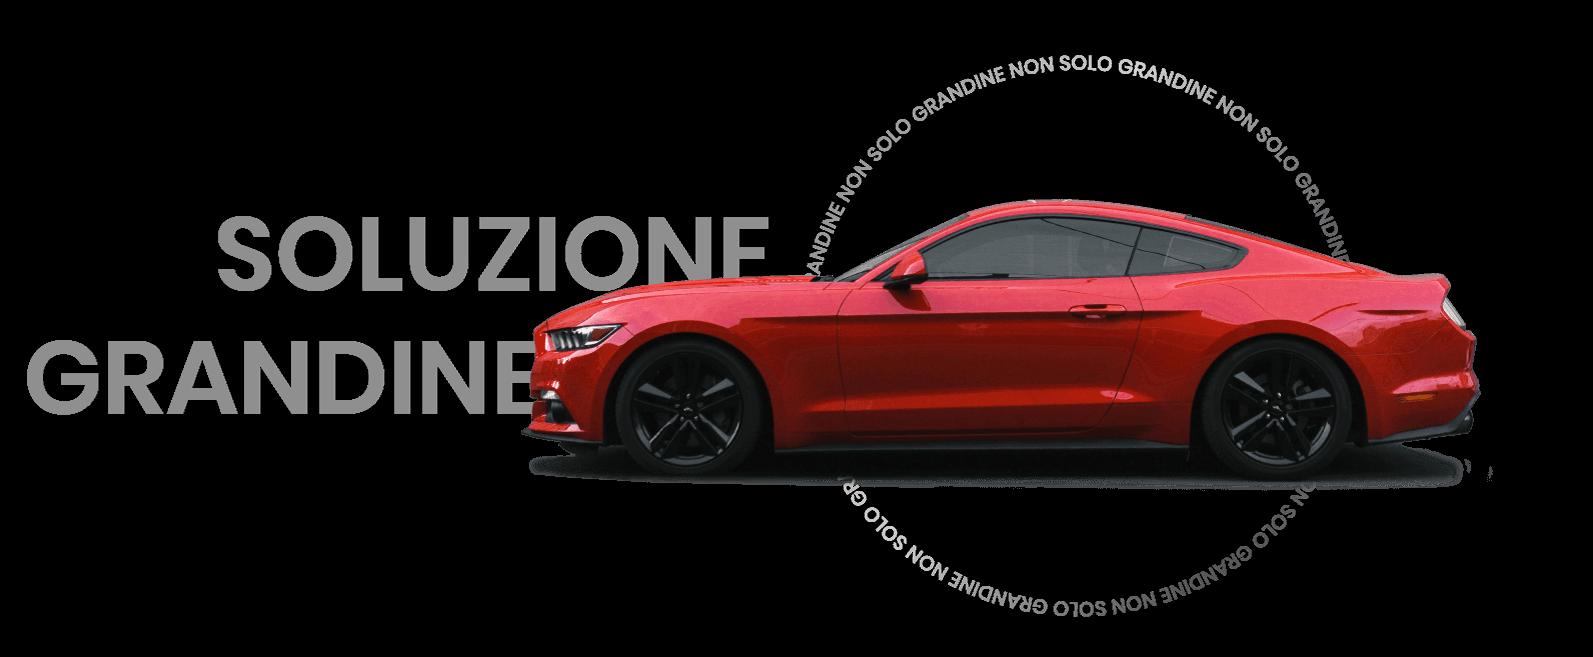 graphic_car